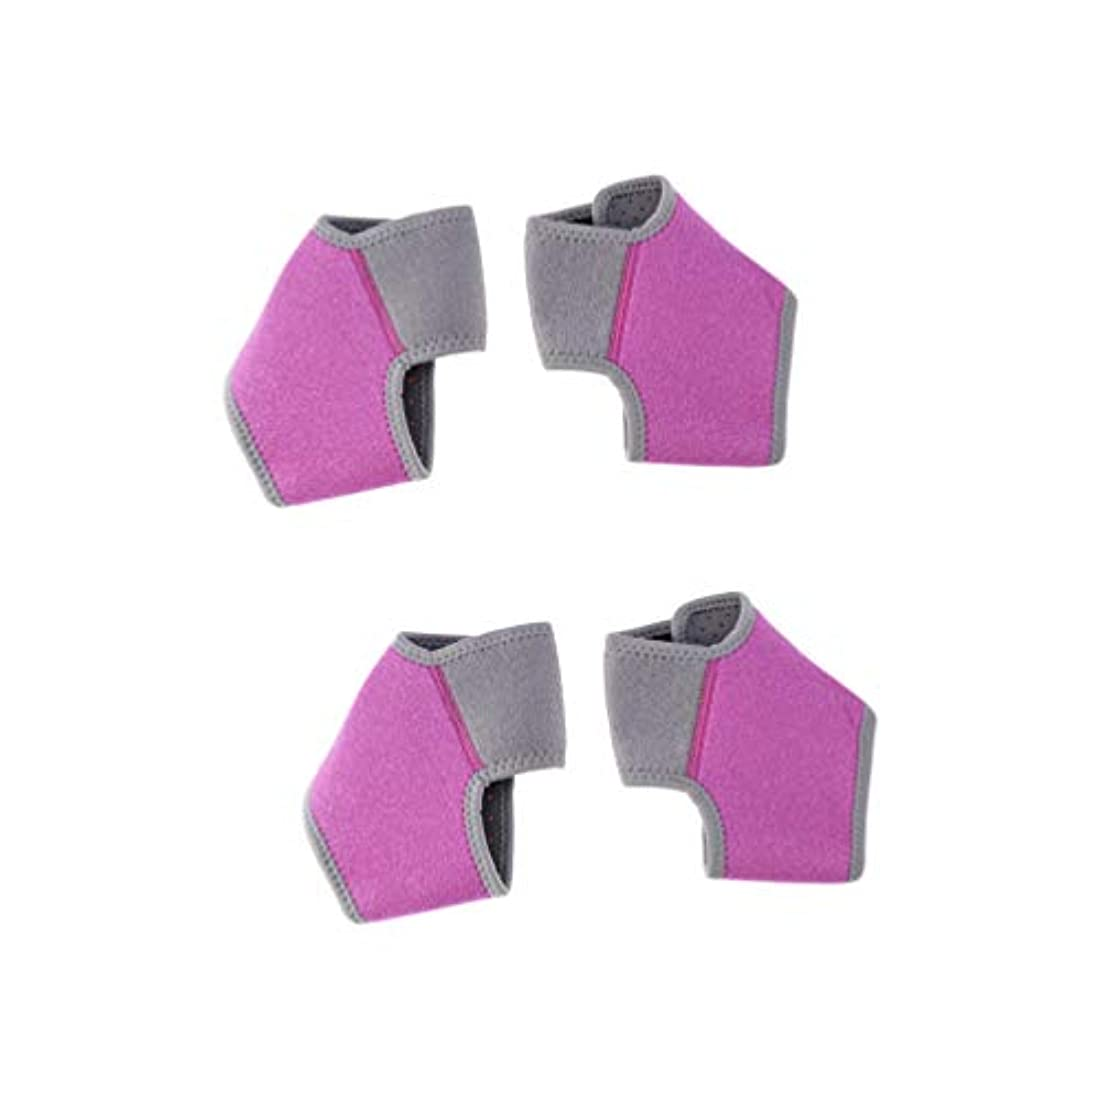 アルファベット順配置キュービックHealifty ランニング用の足首サポートブレースフットスリーブ、バスケットボール、怪我回復、捻rainサイズs 1pair(rosy)